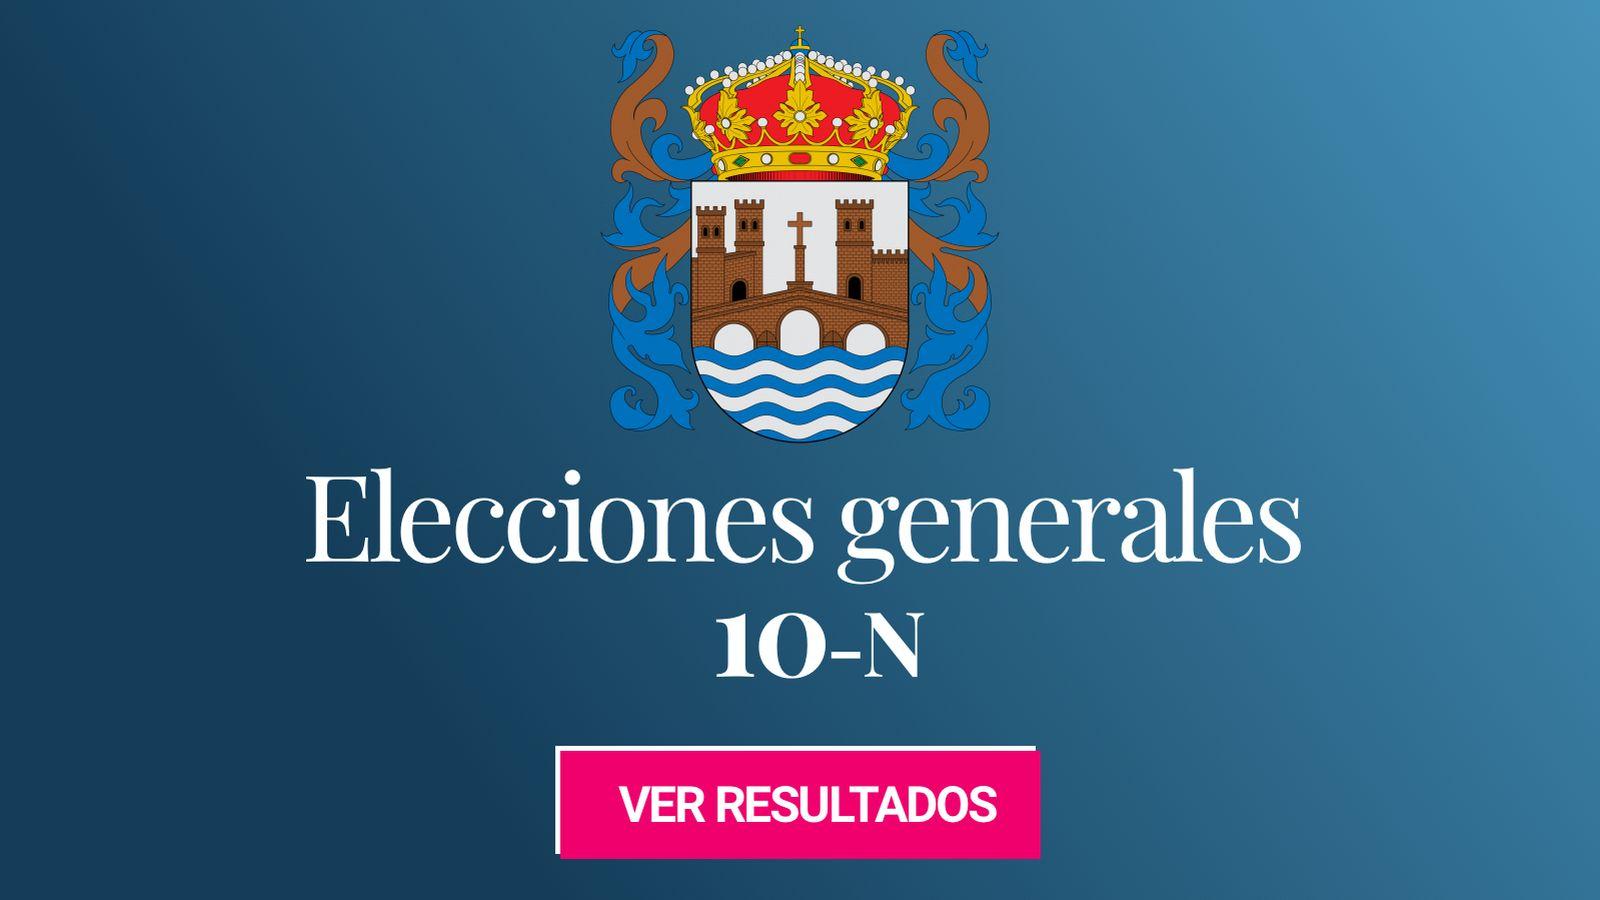 Foto: Elecciones generales 2019 en la provincia de Pontevedra. (C.C./HansenBCN)